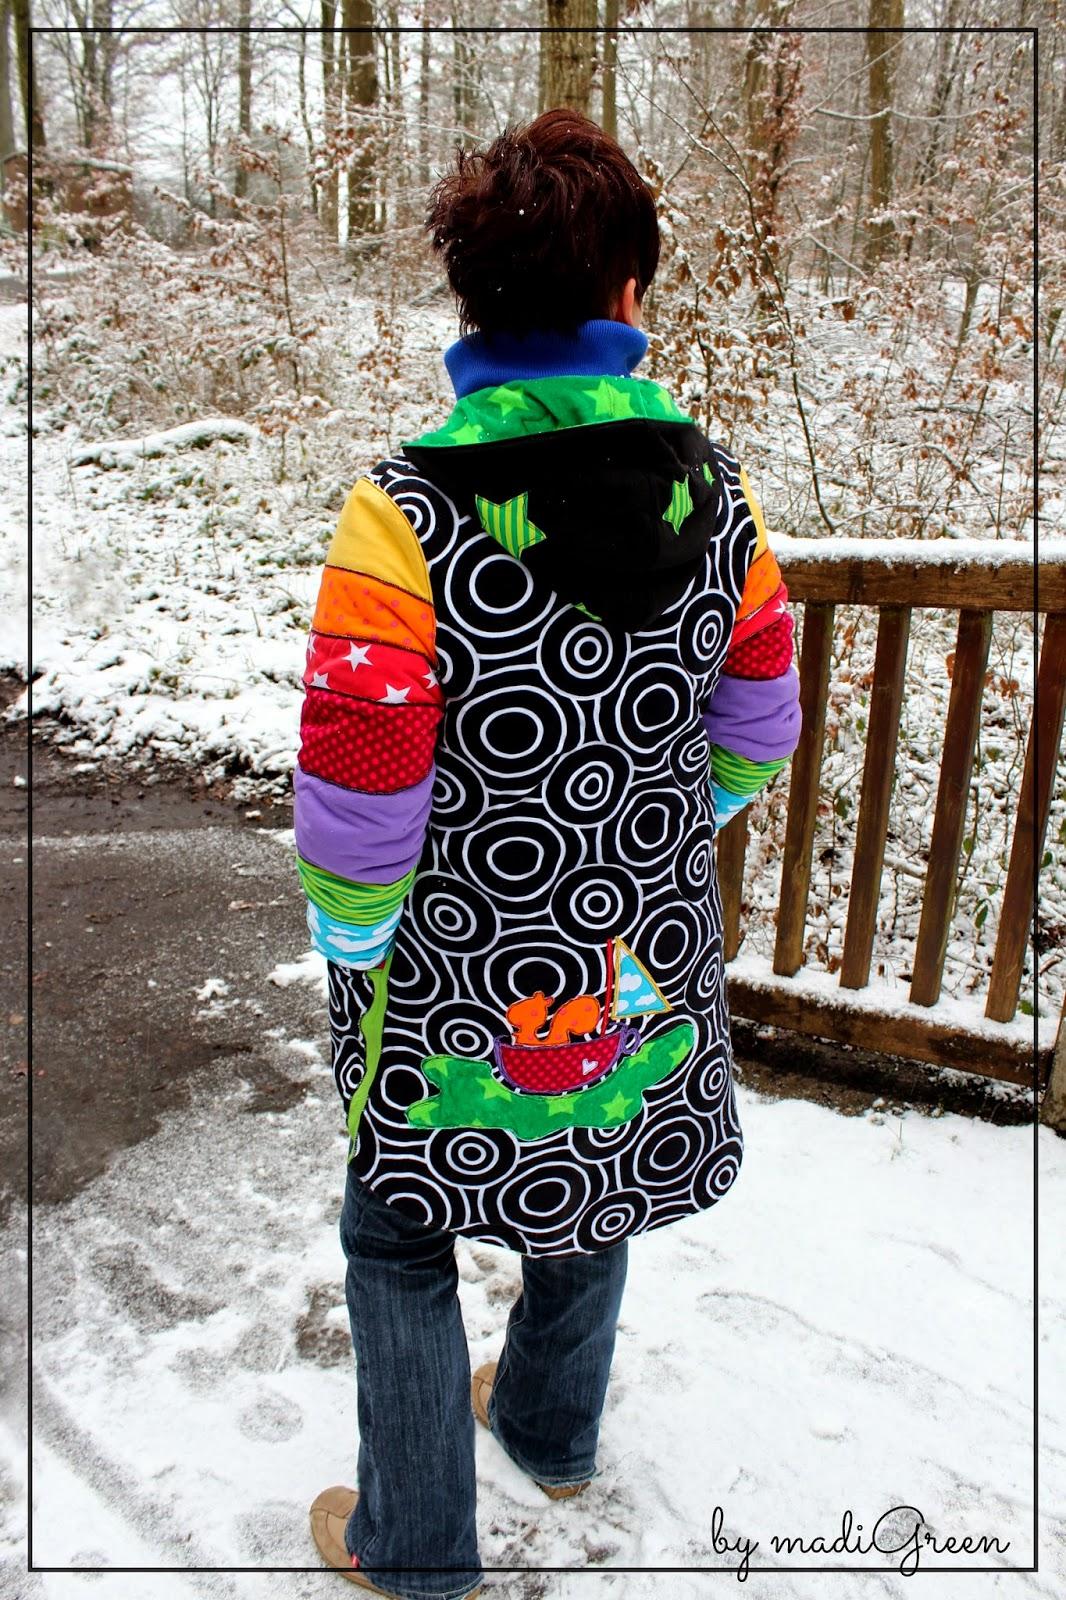 Jadela Mantel Damen Schnittmuster nähen farbenmix